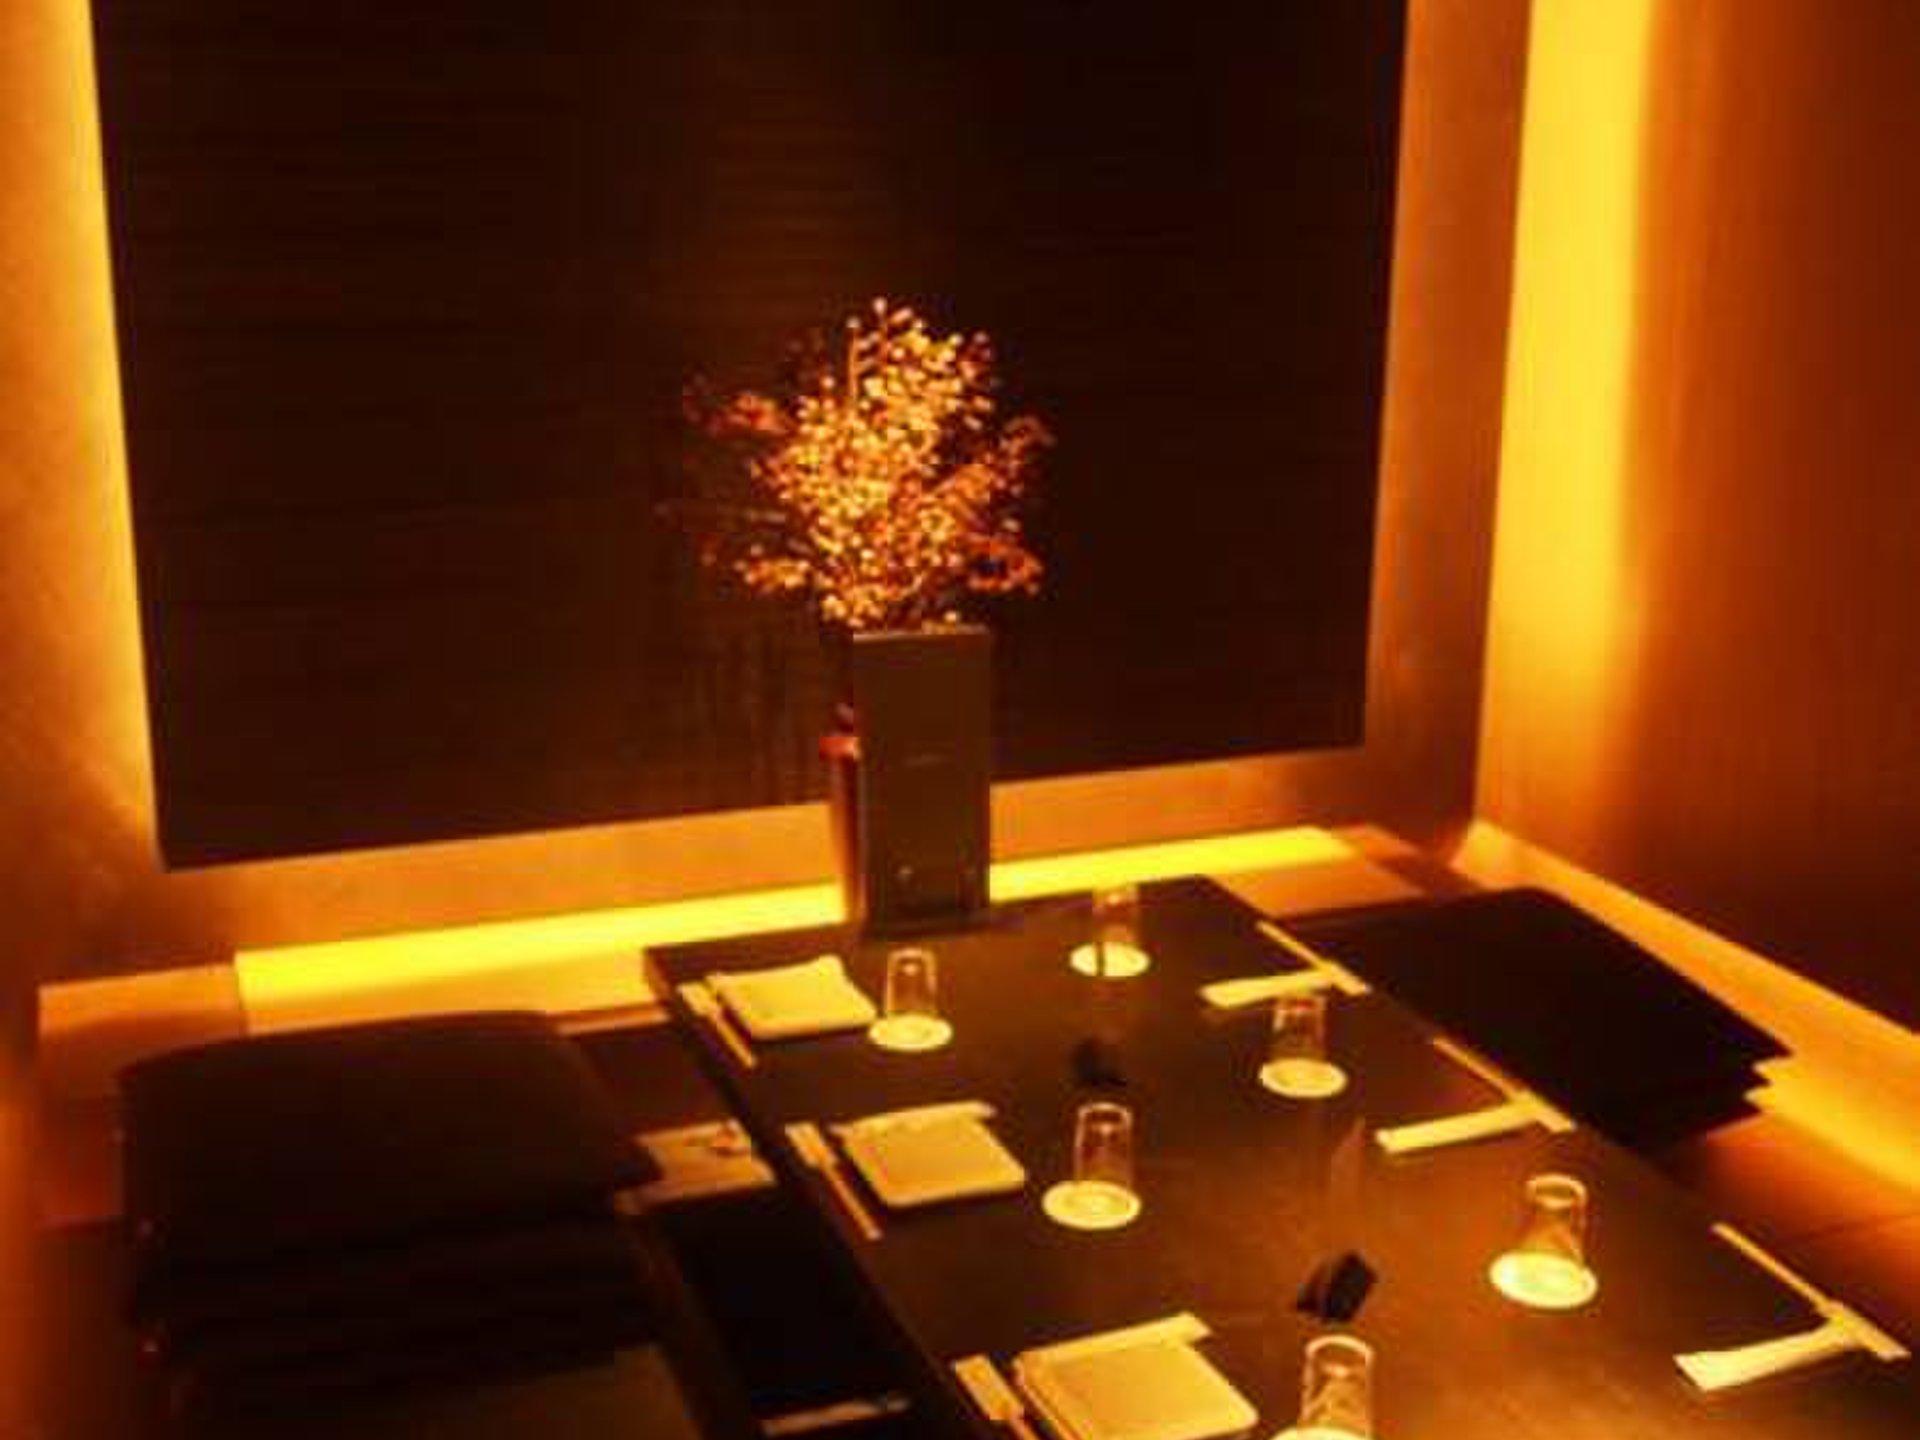 渋谷で本当に静かなデートができる居酒屋8選!個室や安いお店など